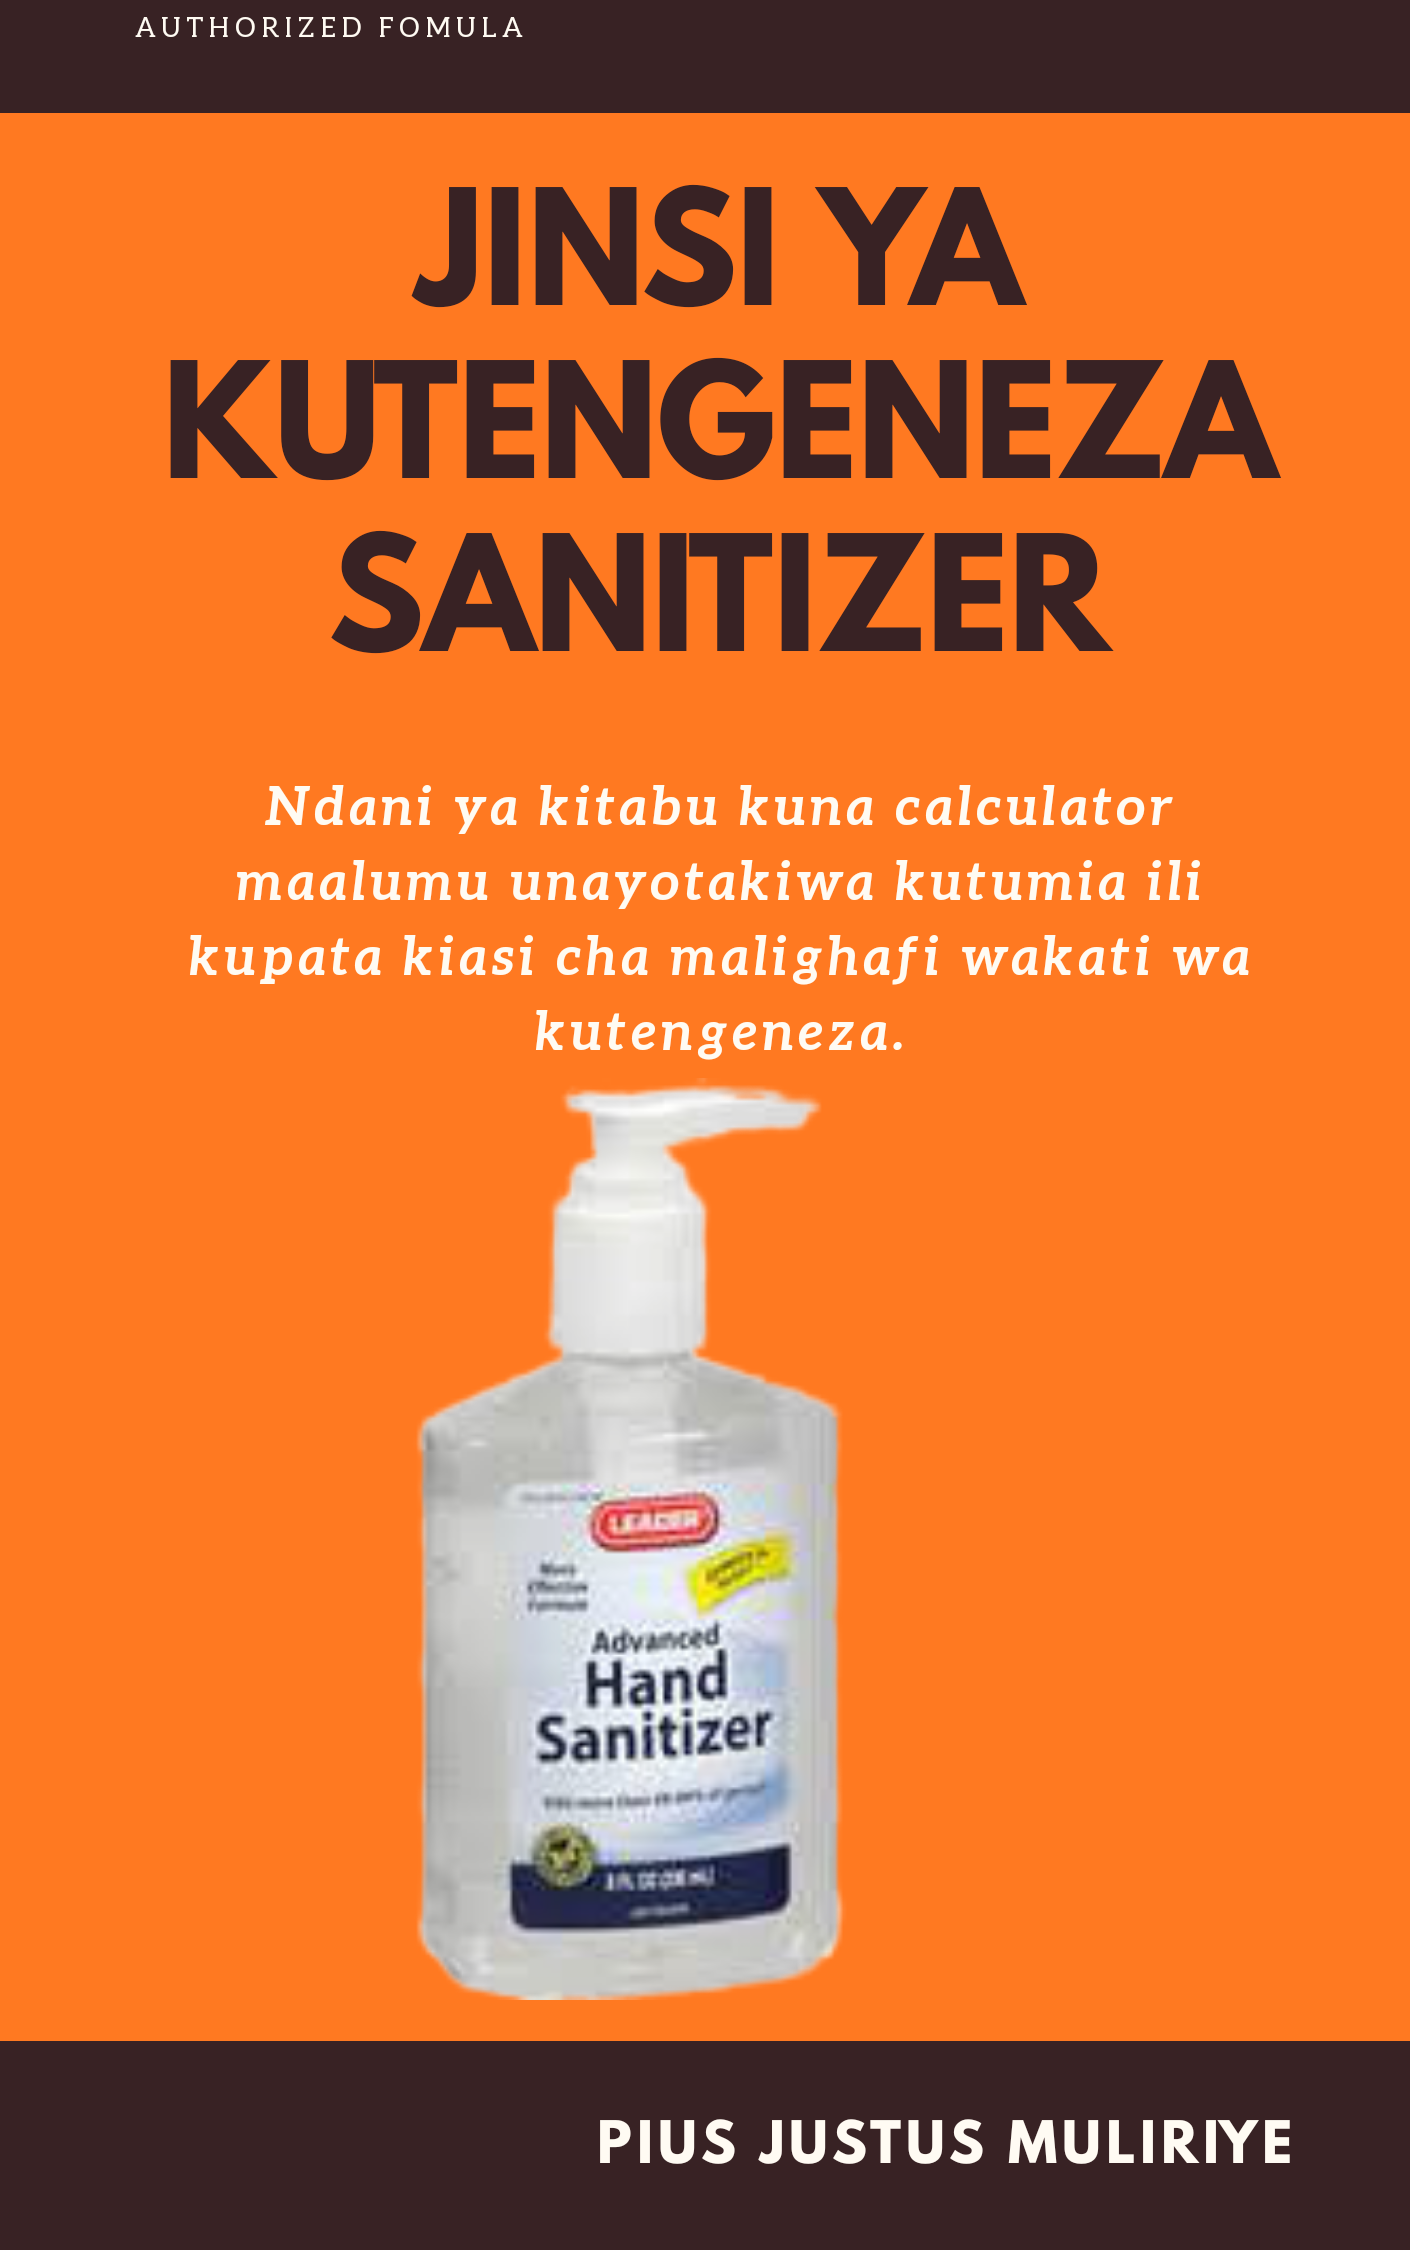 JINSI YA KUTENGENEZA HAND SANITIZER